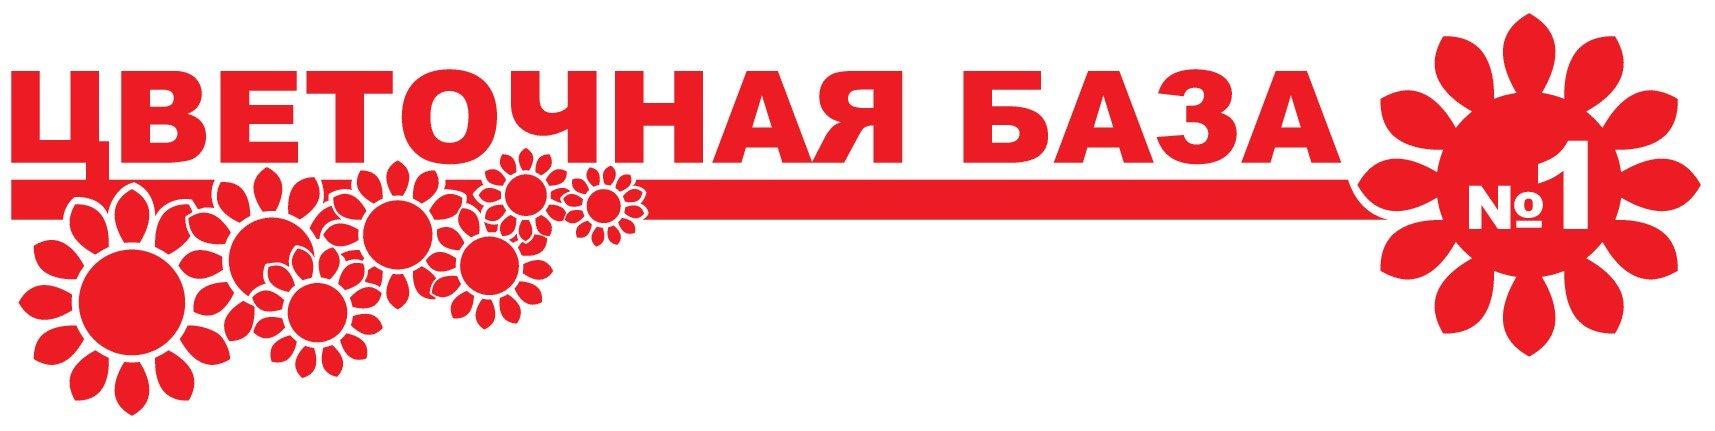 Цветочная база № 1 г. Калуга